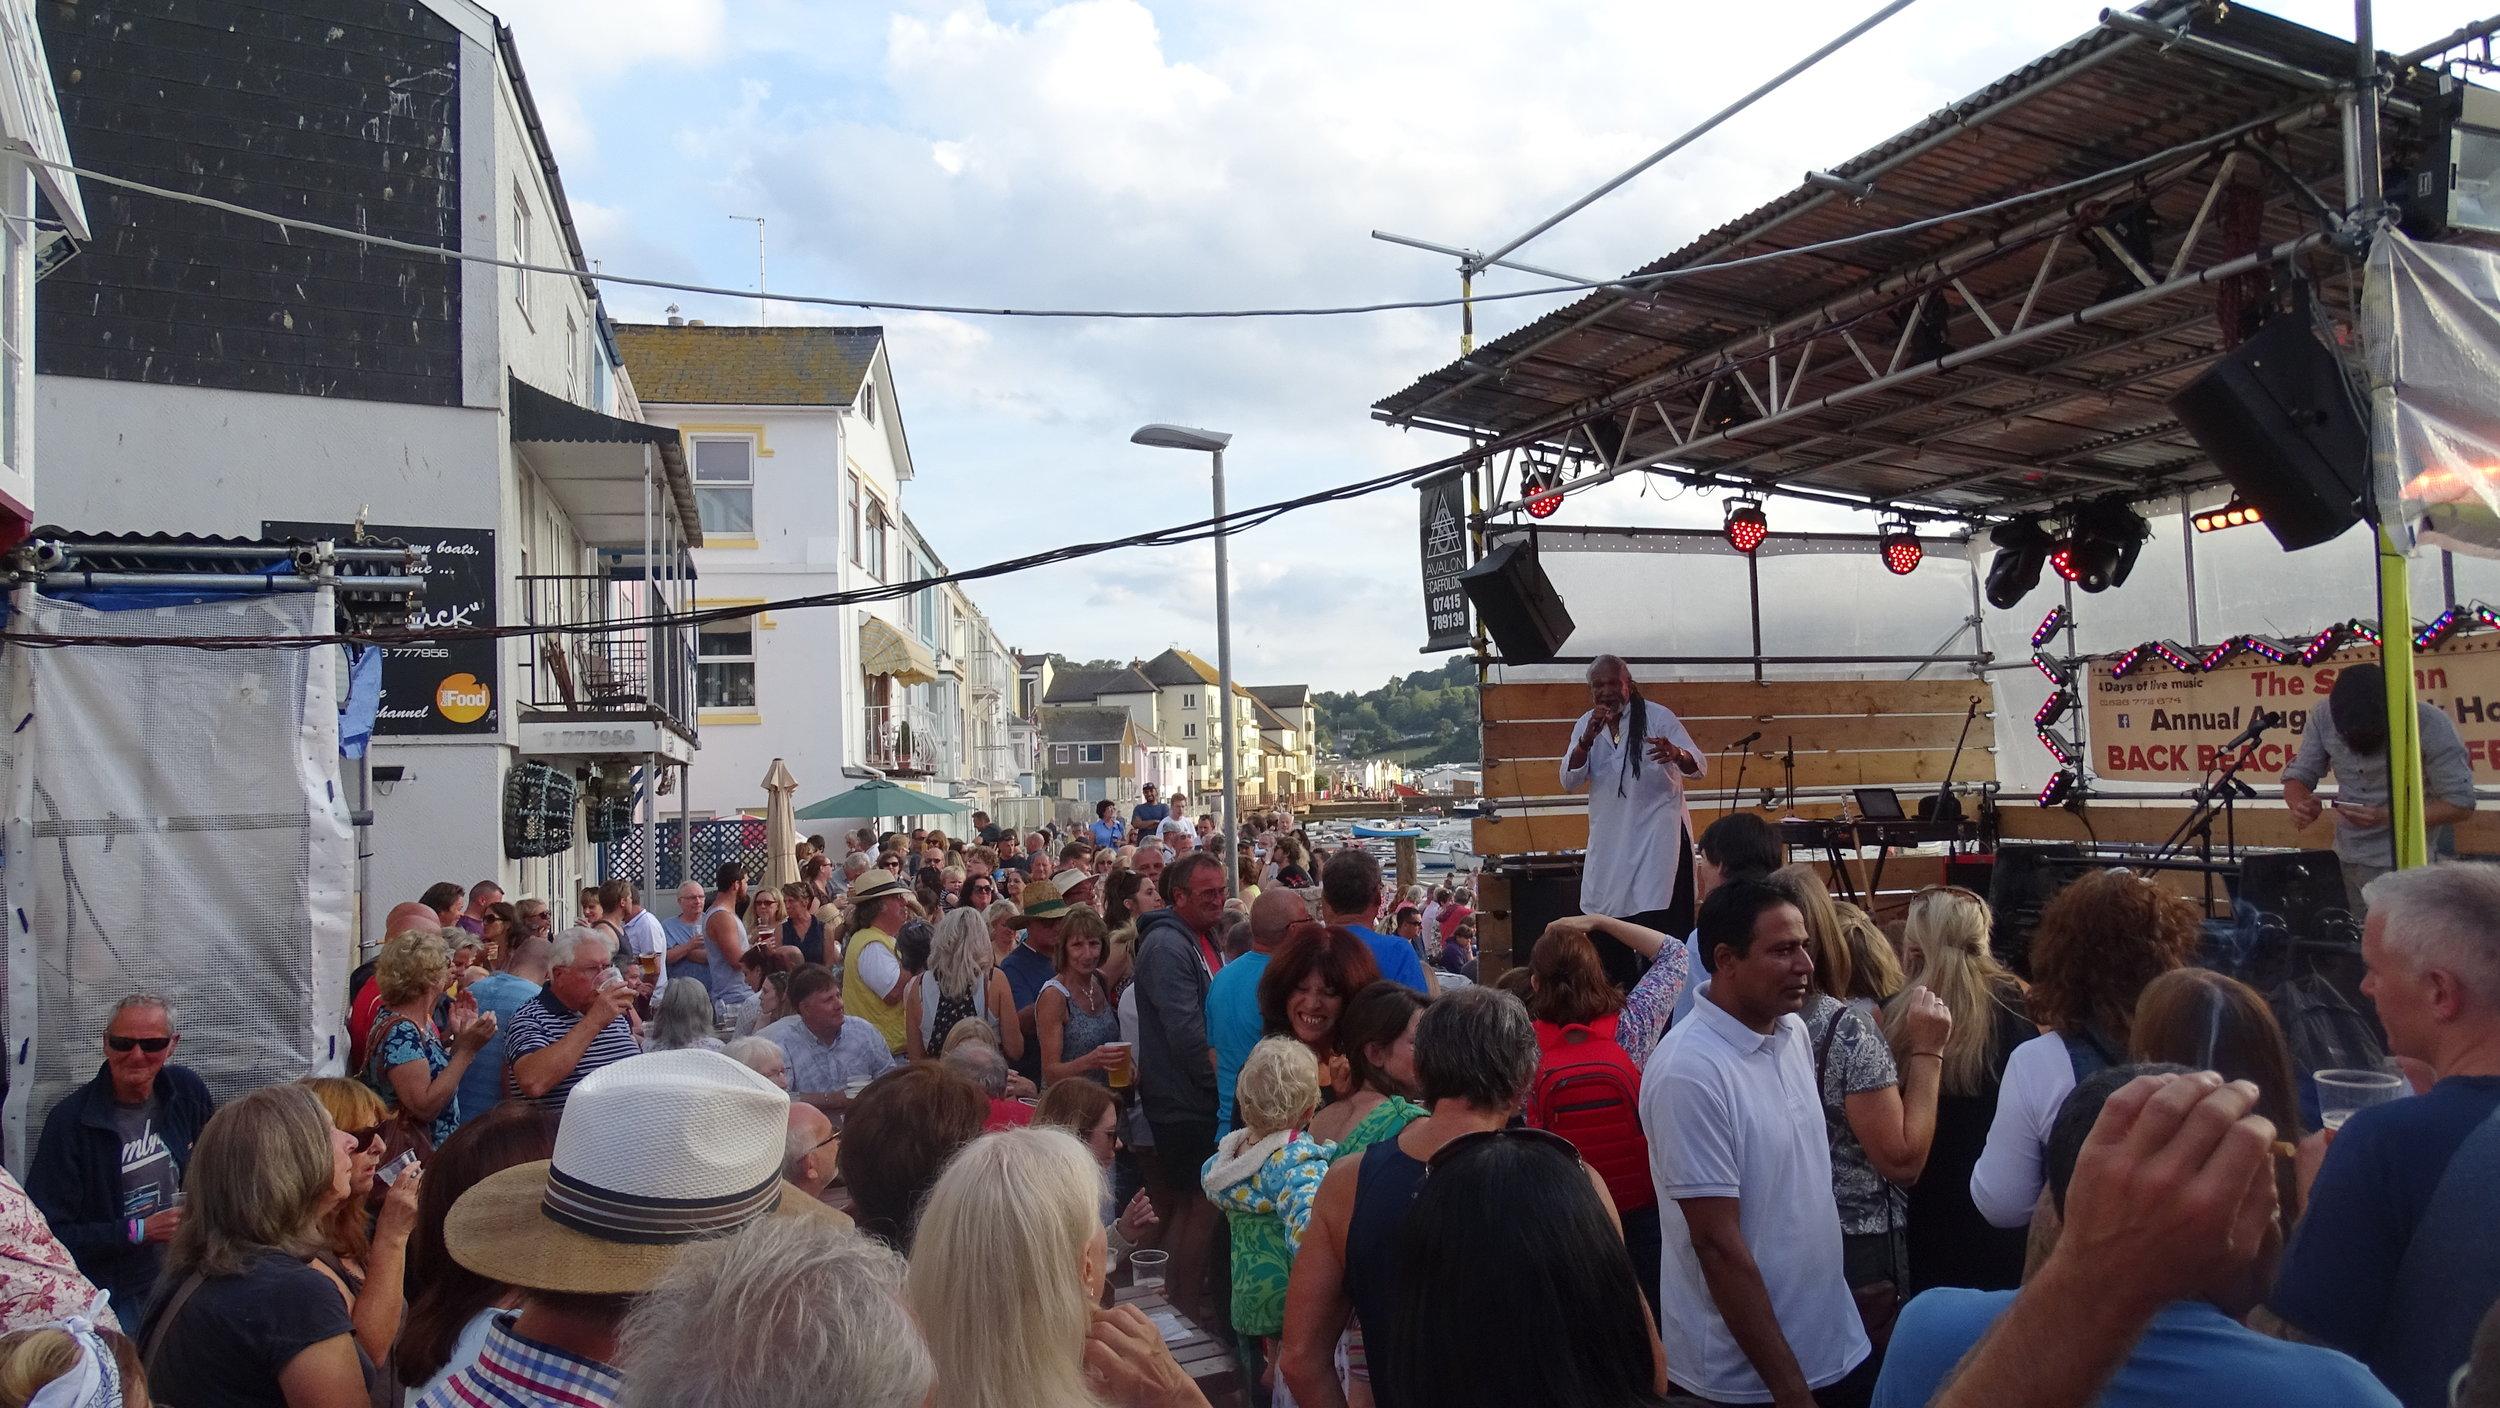 The ship inn music festival p2 319.JPG